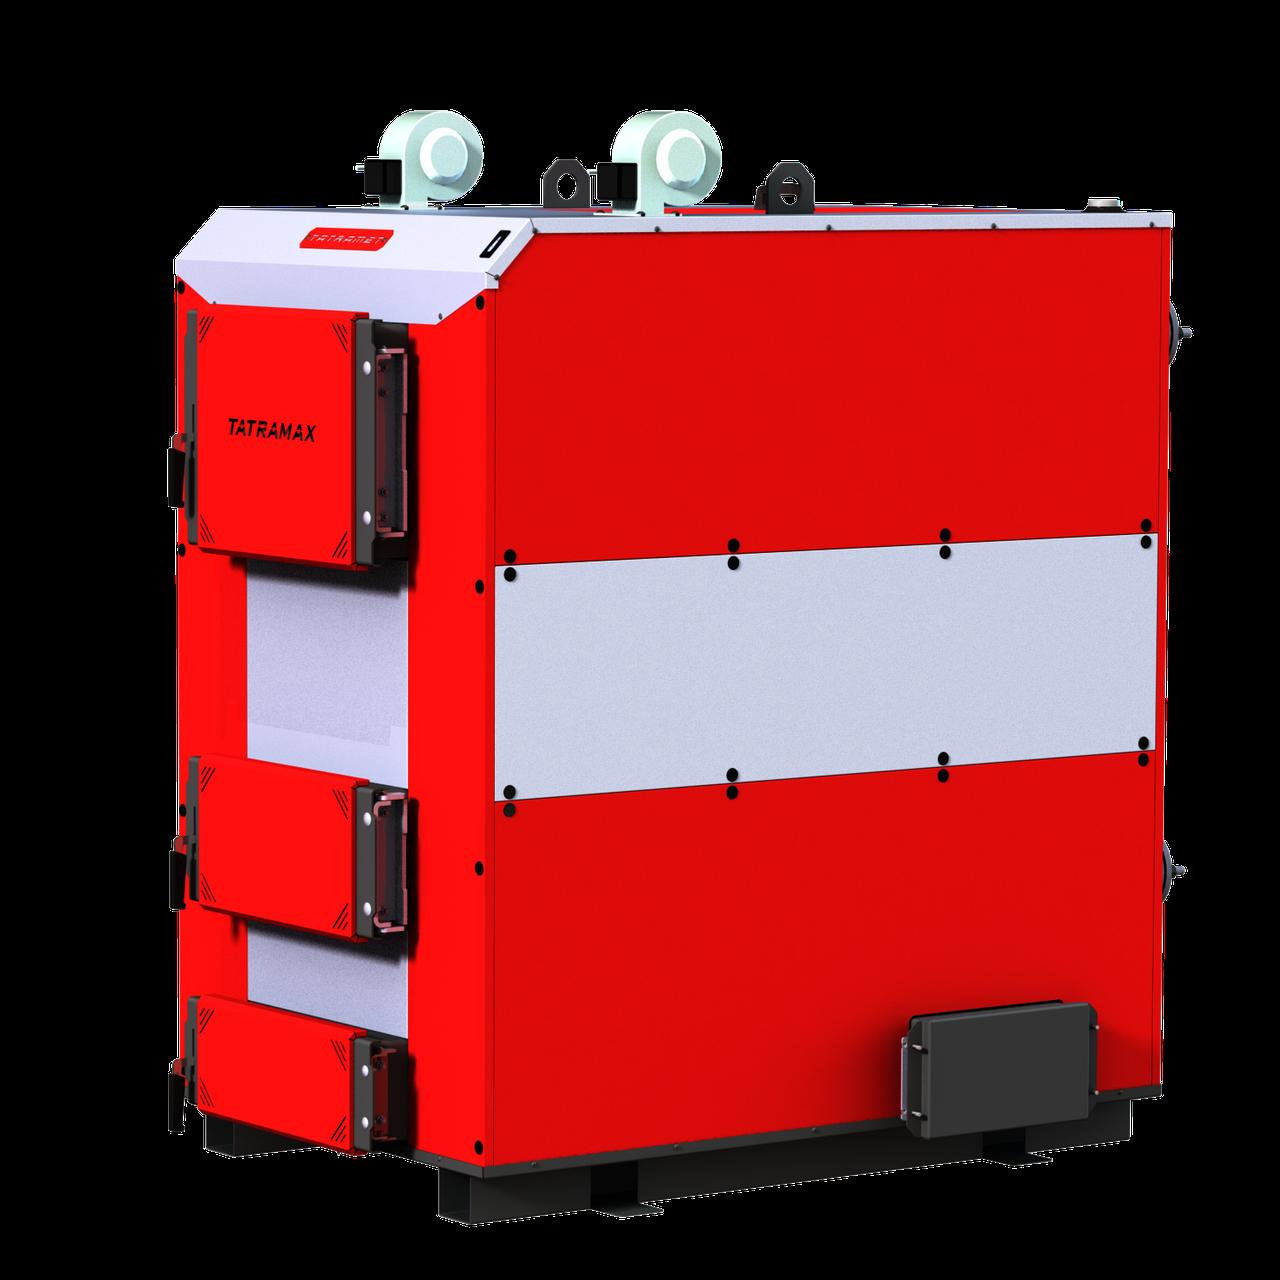 Посилений промисловий котел TATRAMET MAX з товщиною стали: 8мм (ТАТРАМЕТ МАКС) потужність: 150кВт